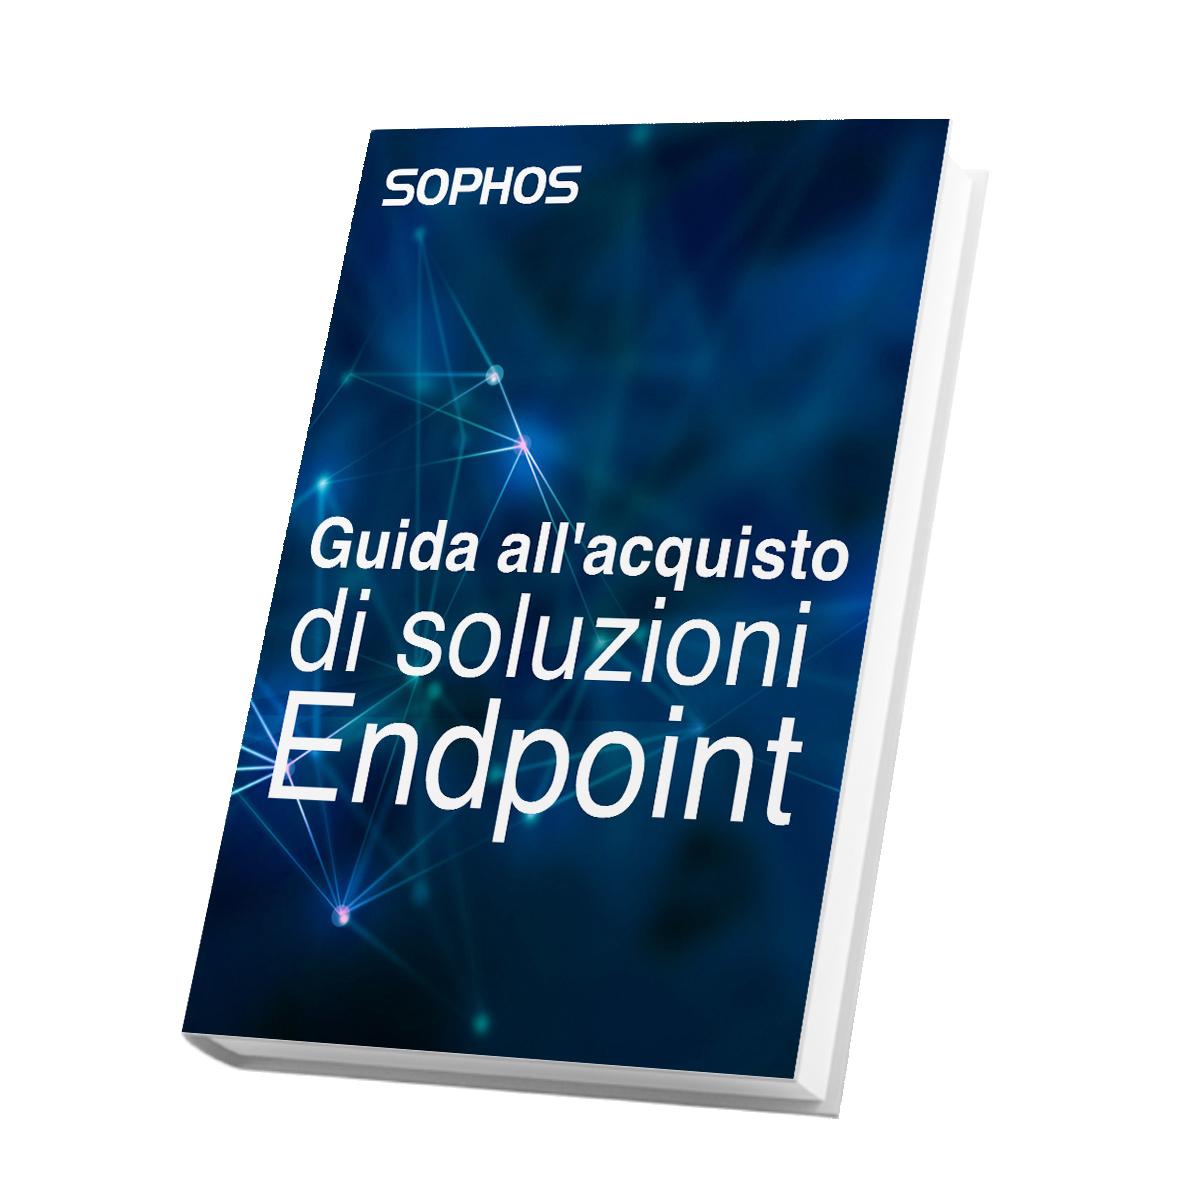 Guida all'acquisto di soluzioni Endpoint